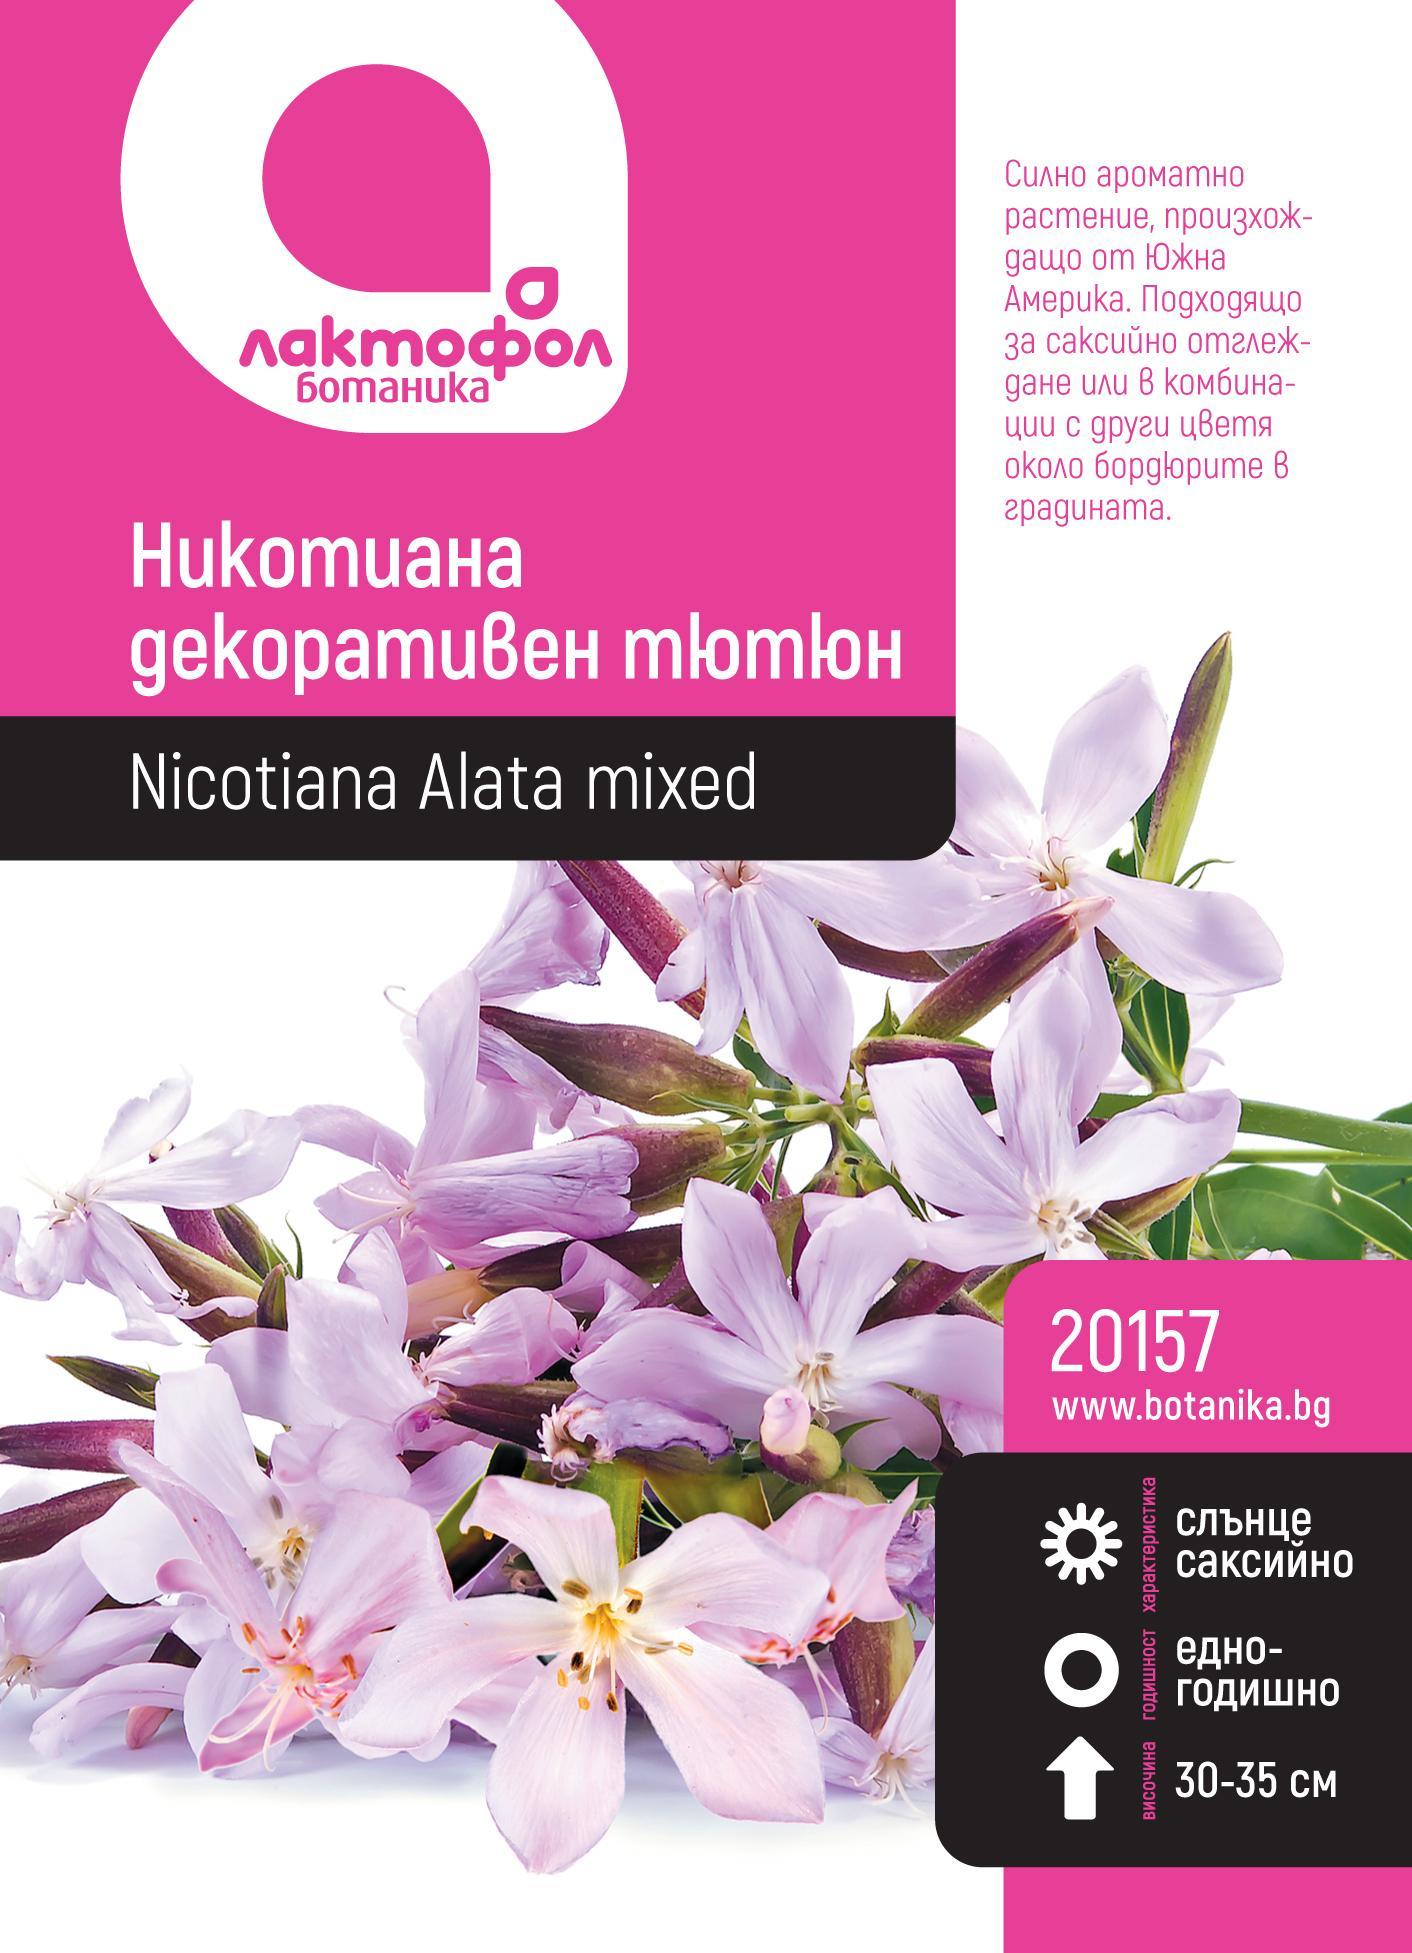 Никотиана декоративен тютюн